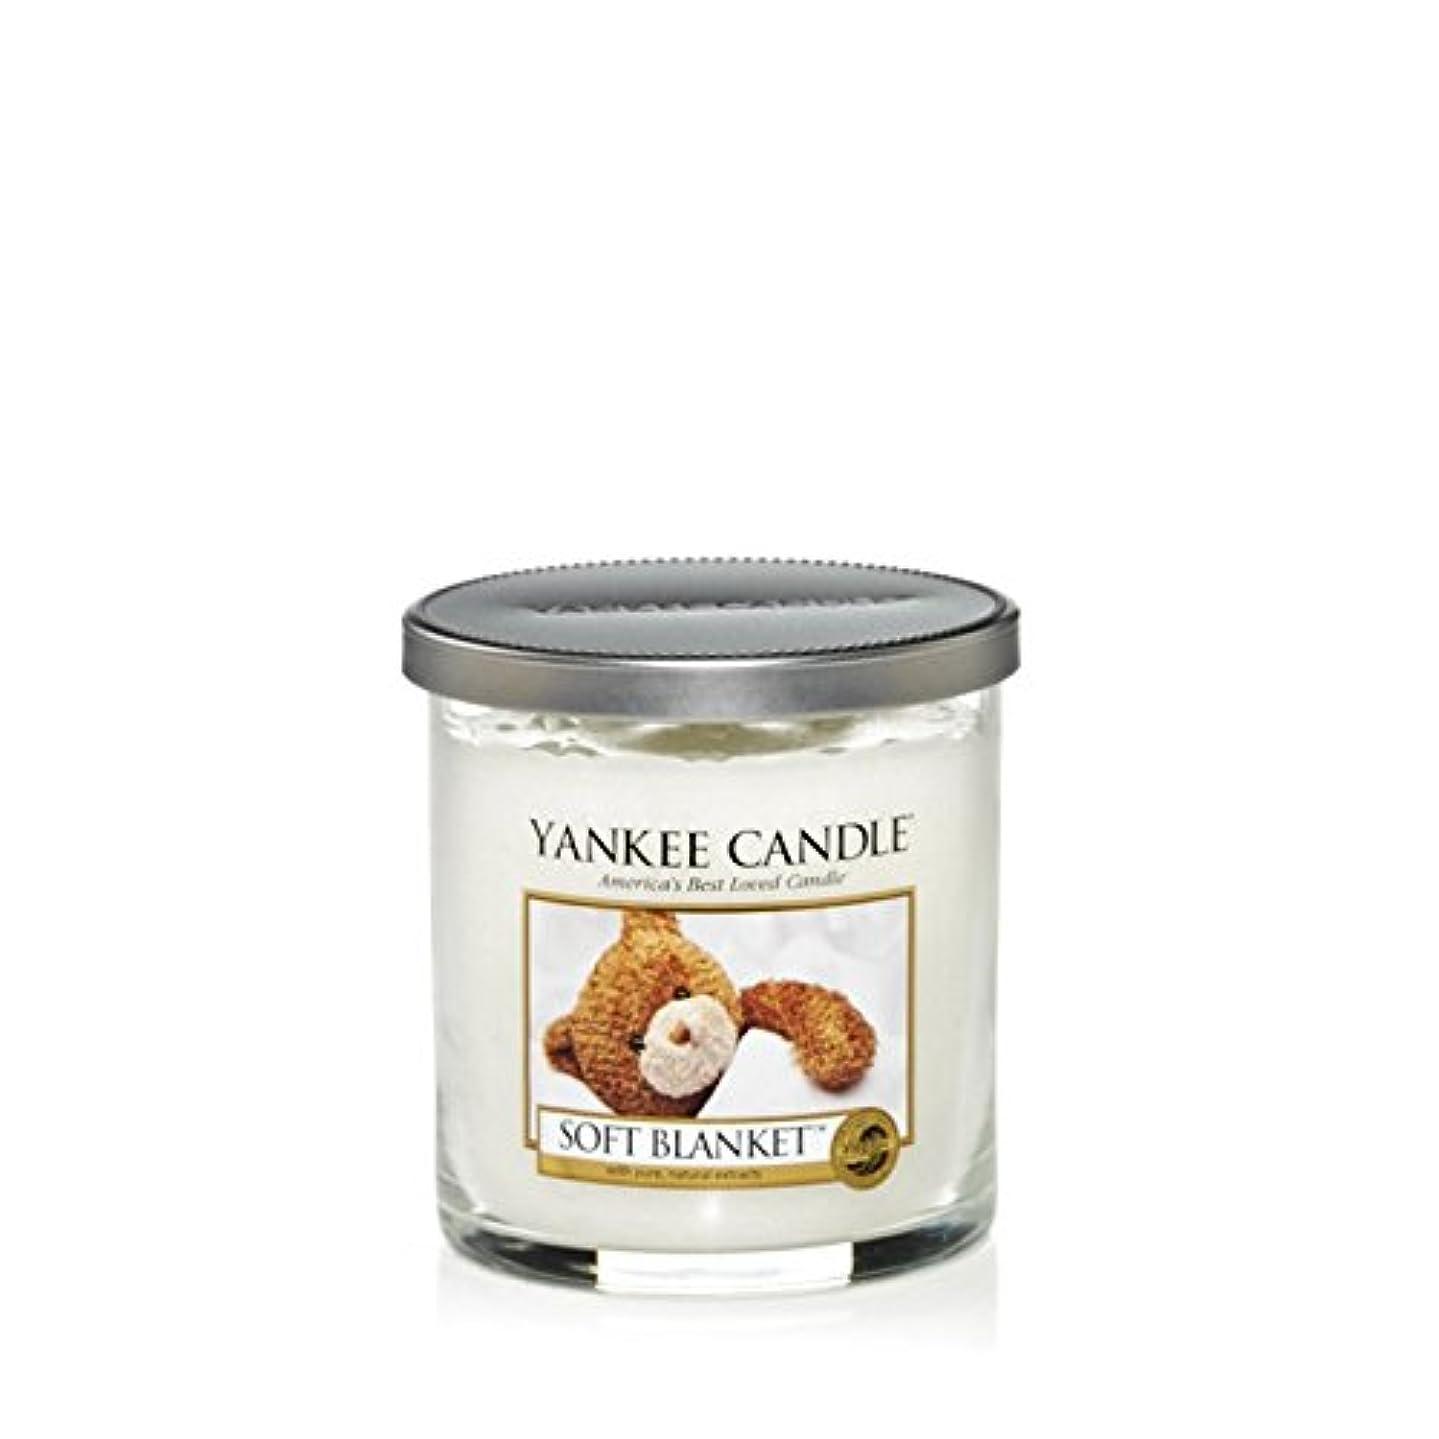 交換可能オプション王室Yankee Candles Small Pillar Candle - Soft Blanket (Pack of 2) - ヤンキーキャンドルの小さな柱キャンドル - ソフト毛布 (x2) [並行輸入品]